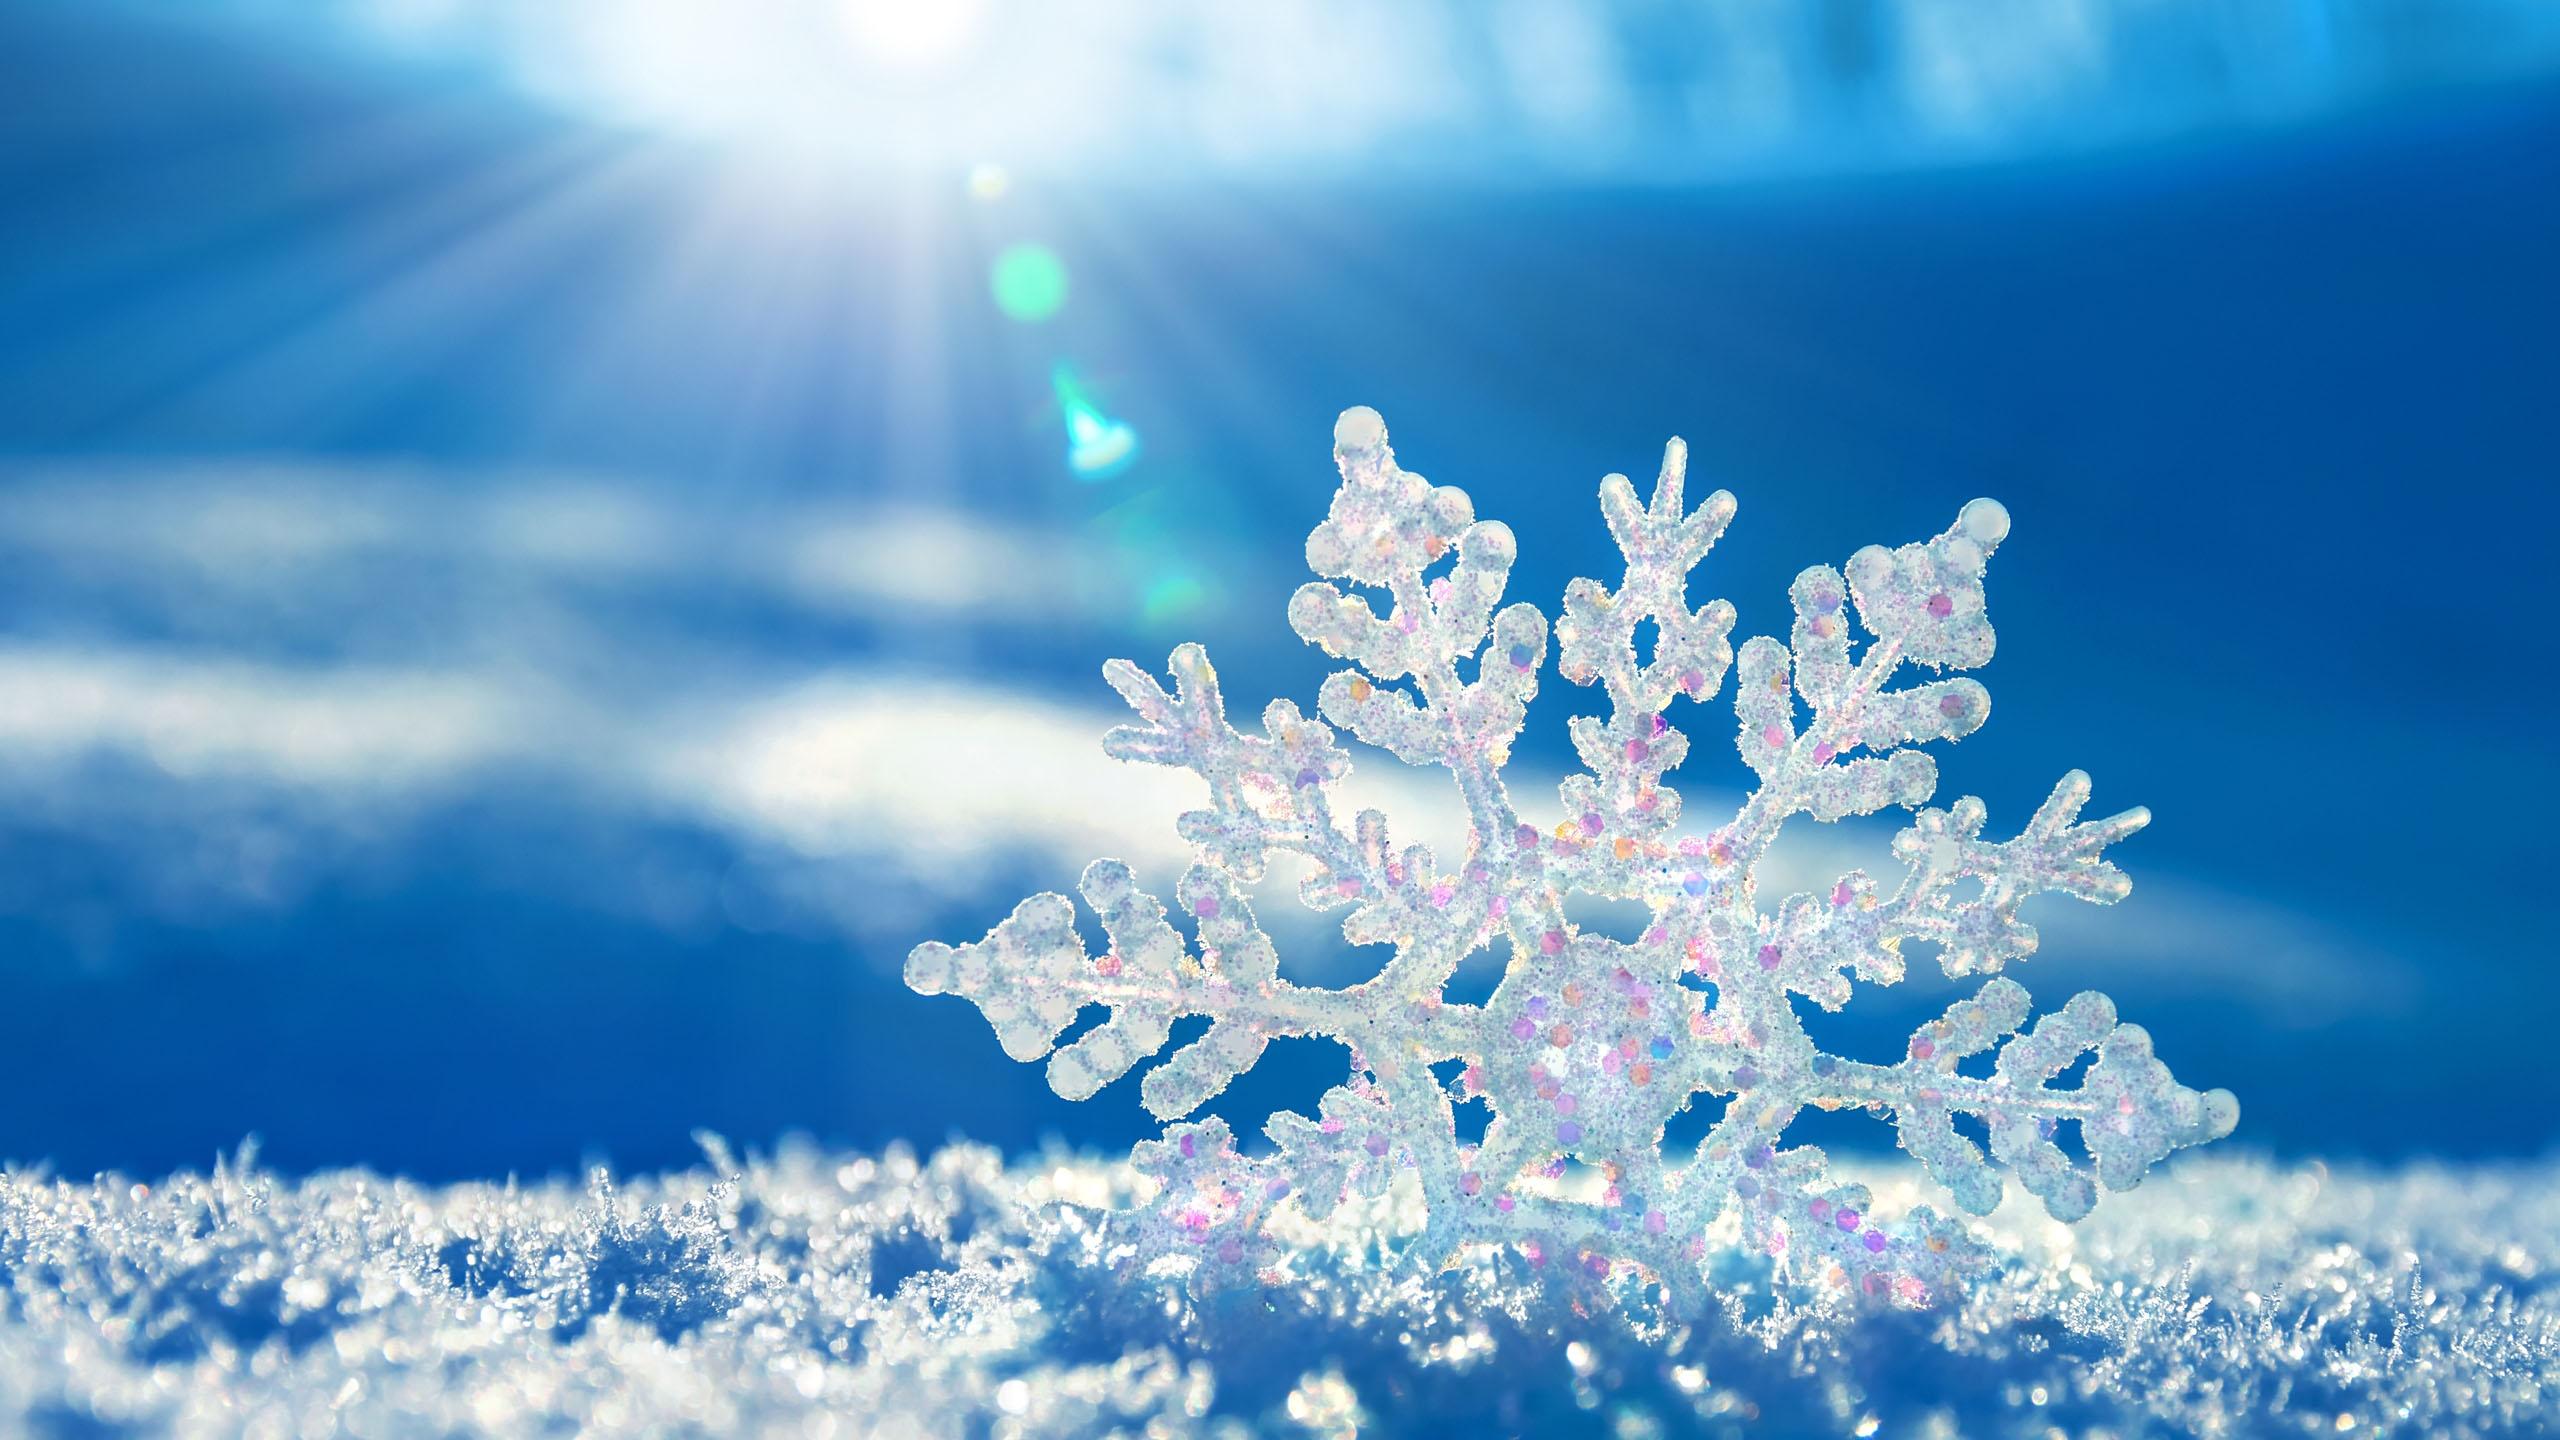 Hình nền chủ đề mùa đông